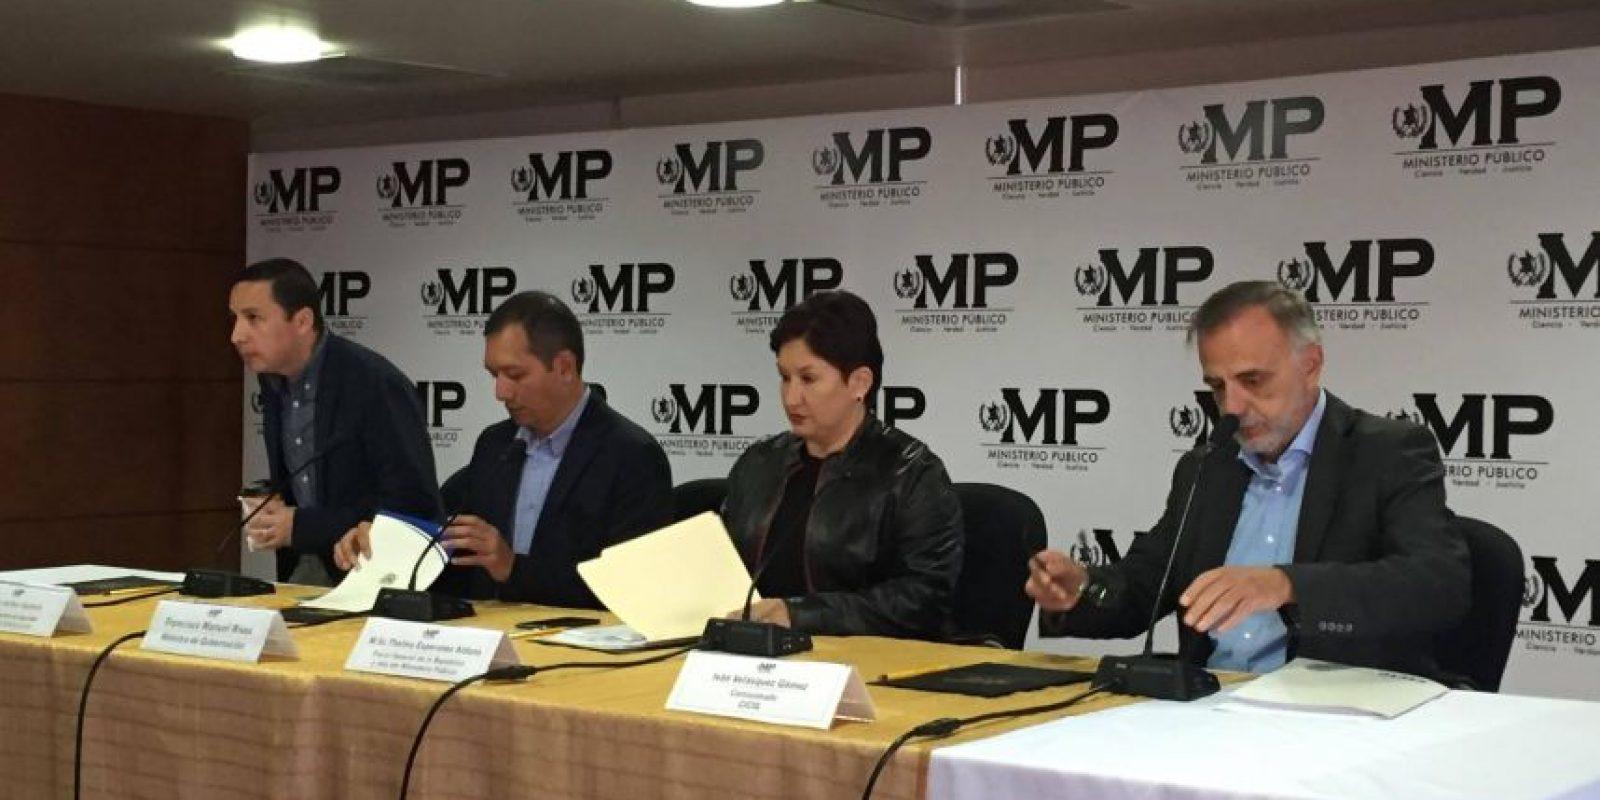 El jefe de la CICIG, Iván Velásquez, durante una comparecencia ante los medios. Foto:Publinews